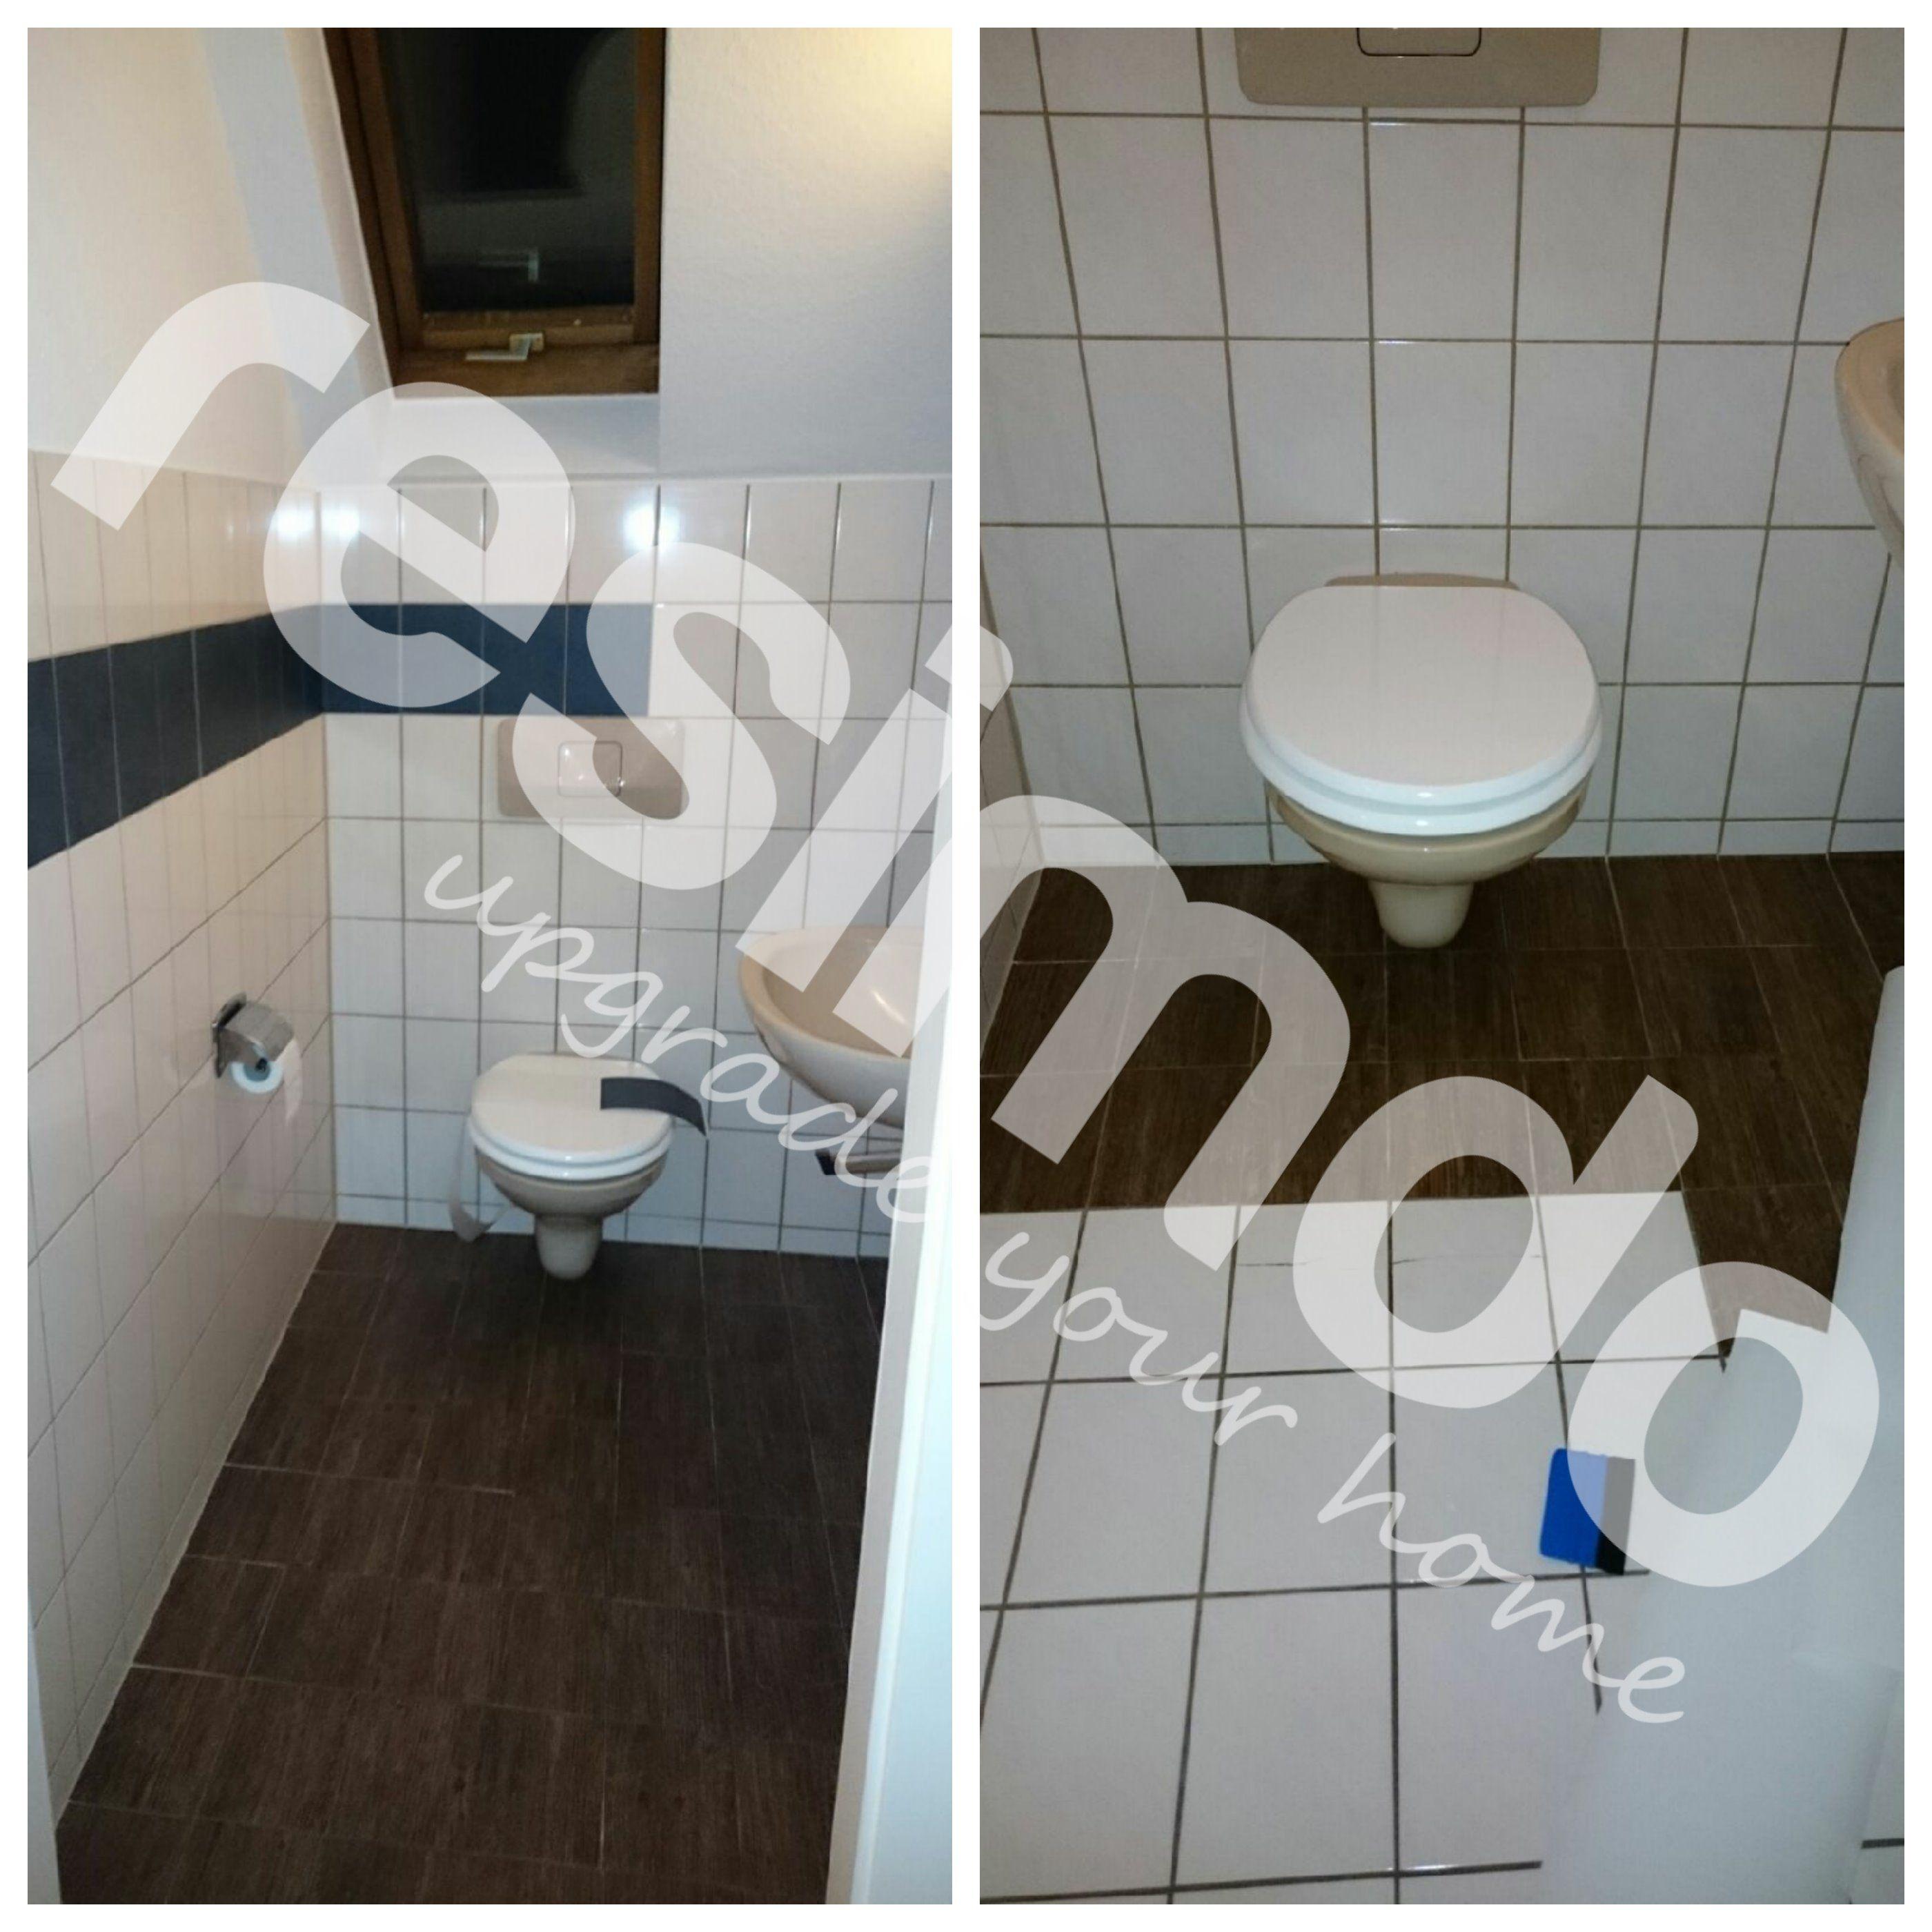 Fliesen Toilette Folieren Renovieren Holz Bekleben Diy Schonerwohnen Modernisieren Folie Onlineshop Klebefliesen Mobel Folieren Fliesenfolie